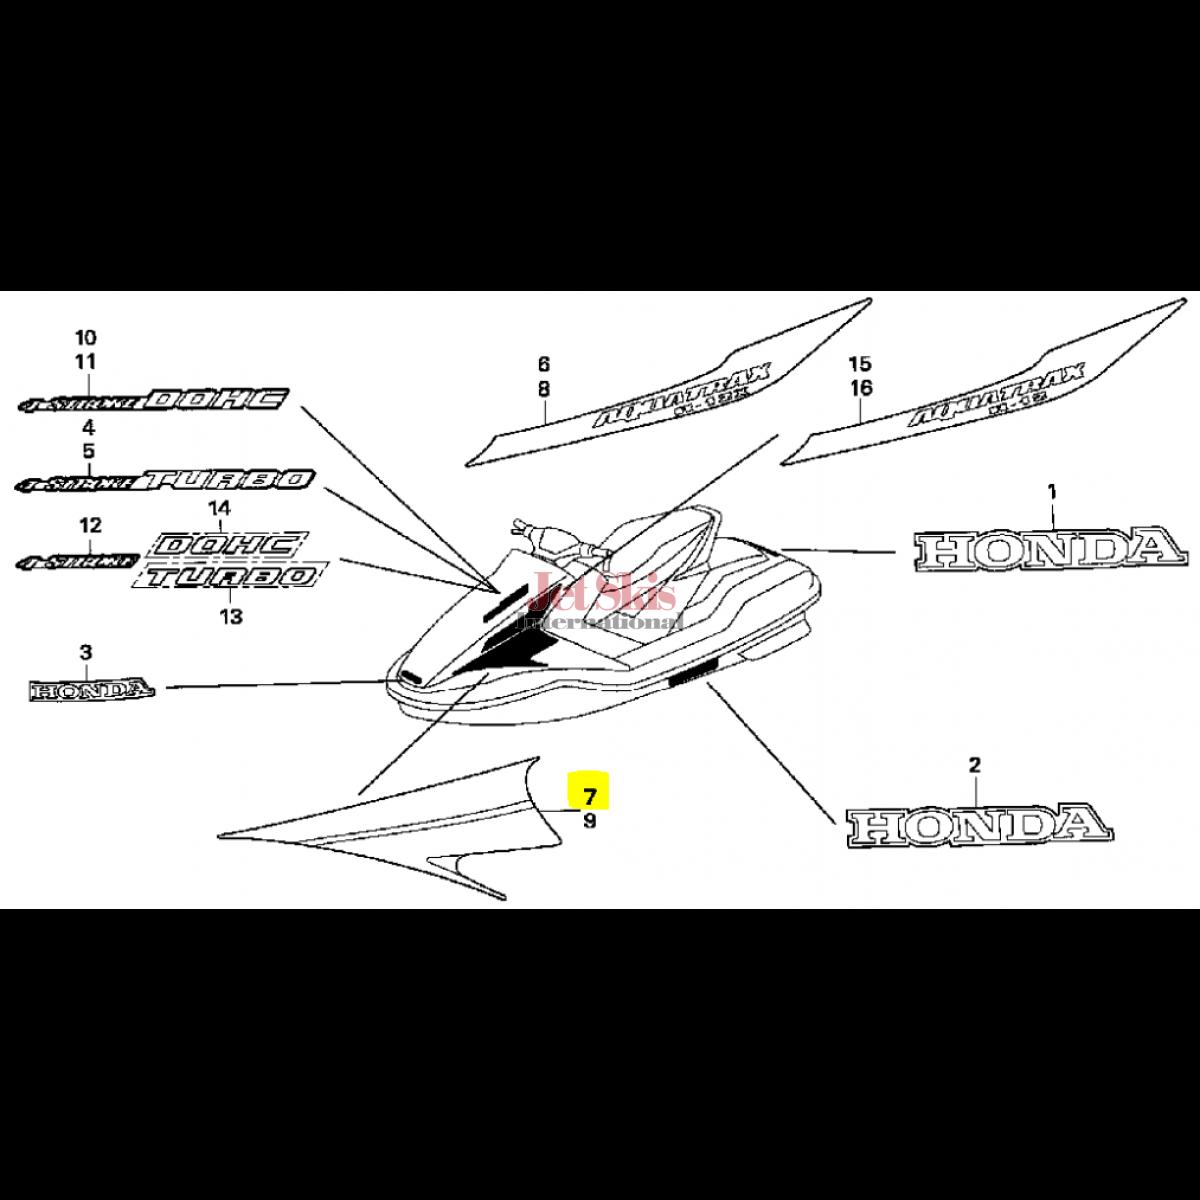 honda aquatrax diagram wiring source rh shopbangolufsen com